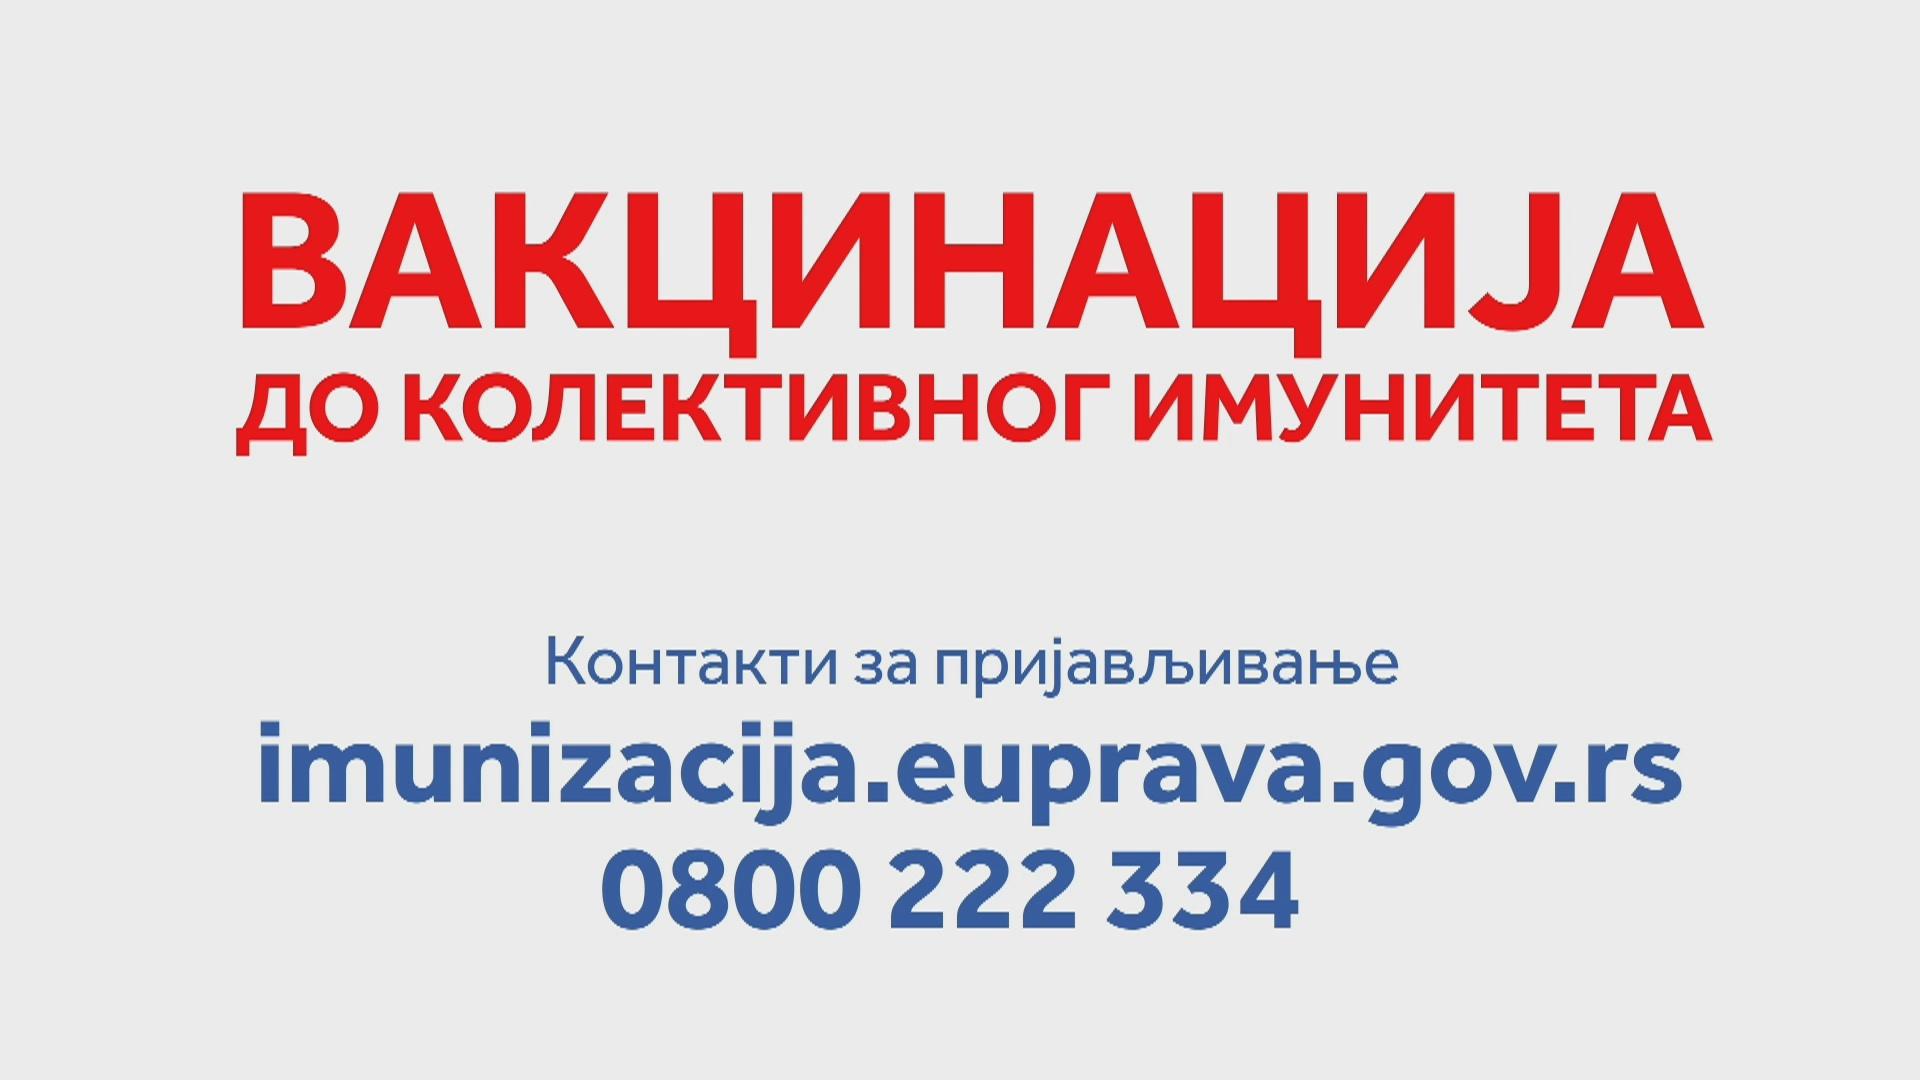 У Пријепољу за викенд вакцинисано више од 300 особа без заказивања